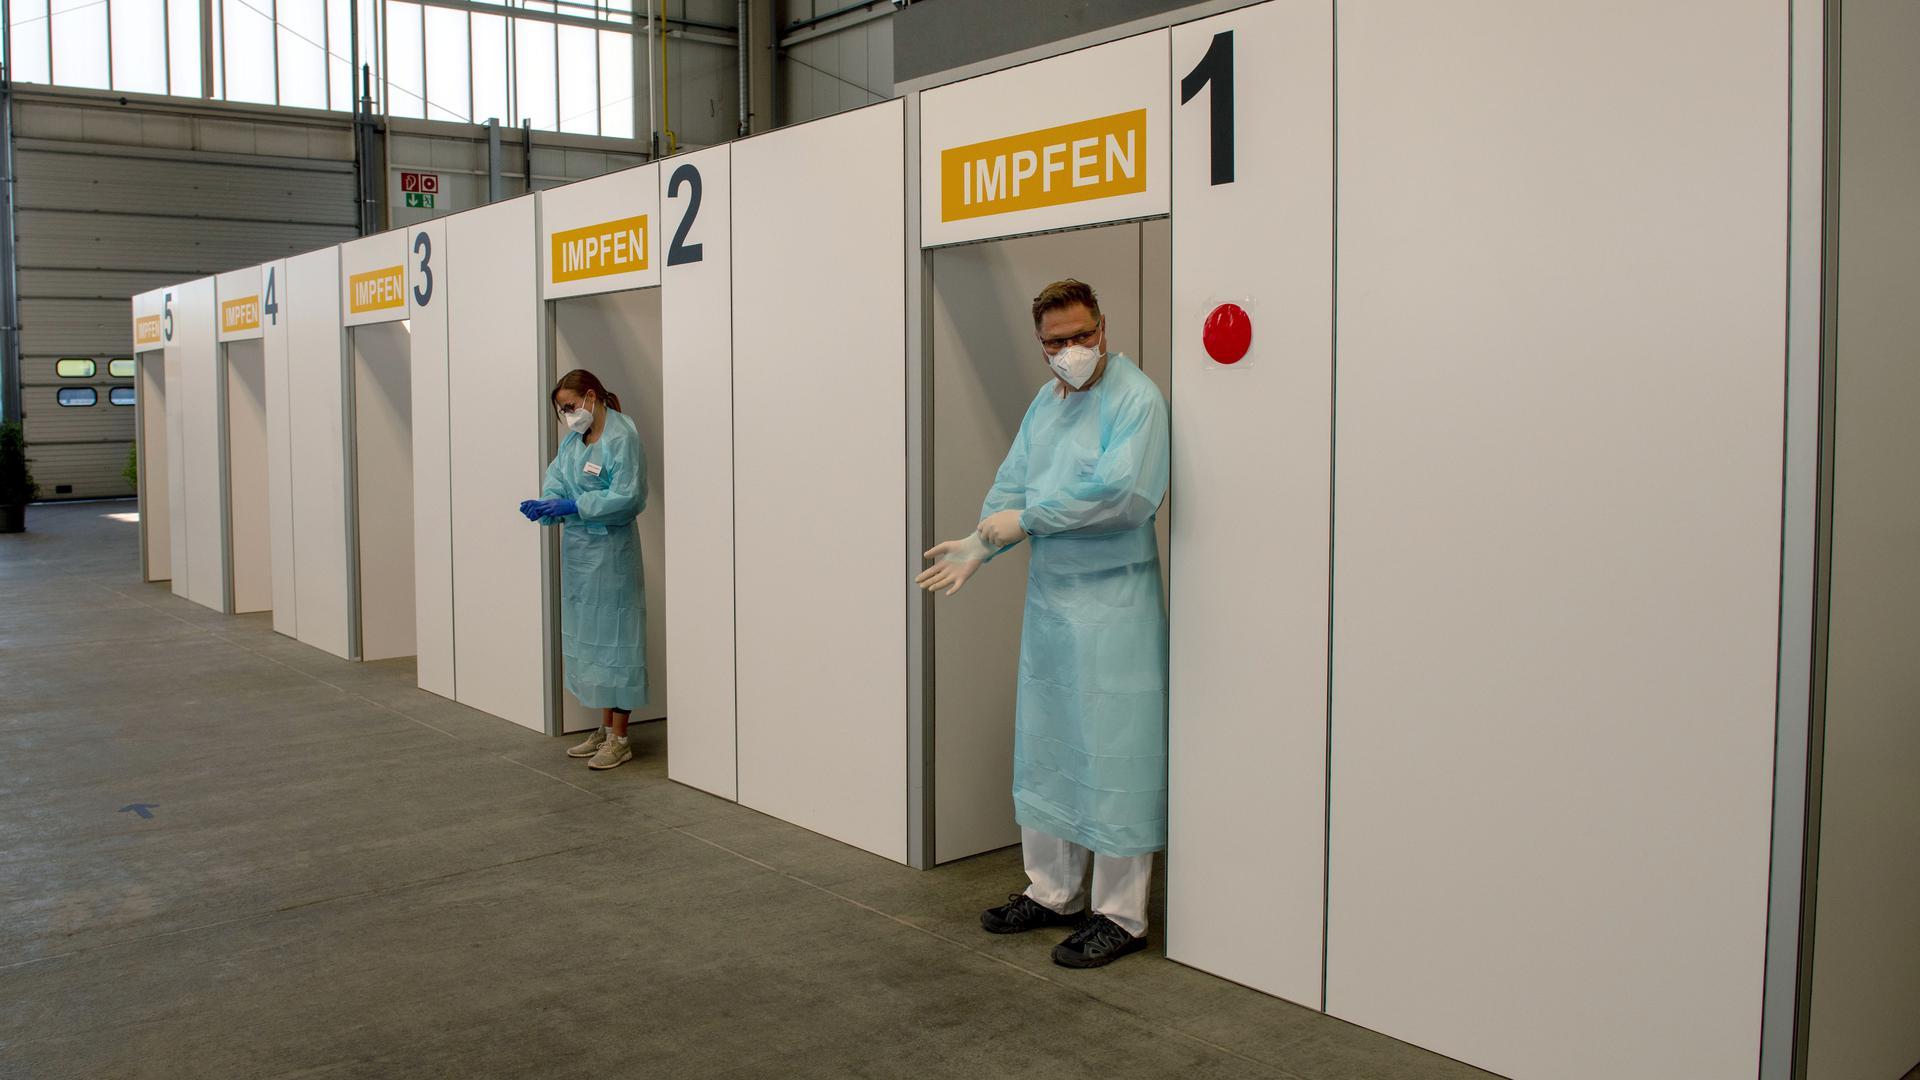 Clara Limperg (l) und Achim Hensler warten im Impfzentrum des Maschinenbauers Liebherr auf Mitarbeiter, die sich impfen lassen wollen. Das Liebherr-Werk Ehingen wurde als ein Pilotbetrieb für die Impfungen durch Betriebsärzte in Baden-Württemberg ausgewählt. Dabei gilt die bekannte Impfpriorisierung des Landes, so dass im ersten Schritt Mitarbeitende ab 60 Jahren geimpft werden. +++ dpa-Bildfunk +++